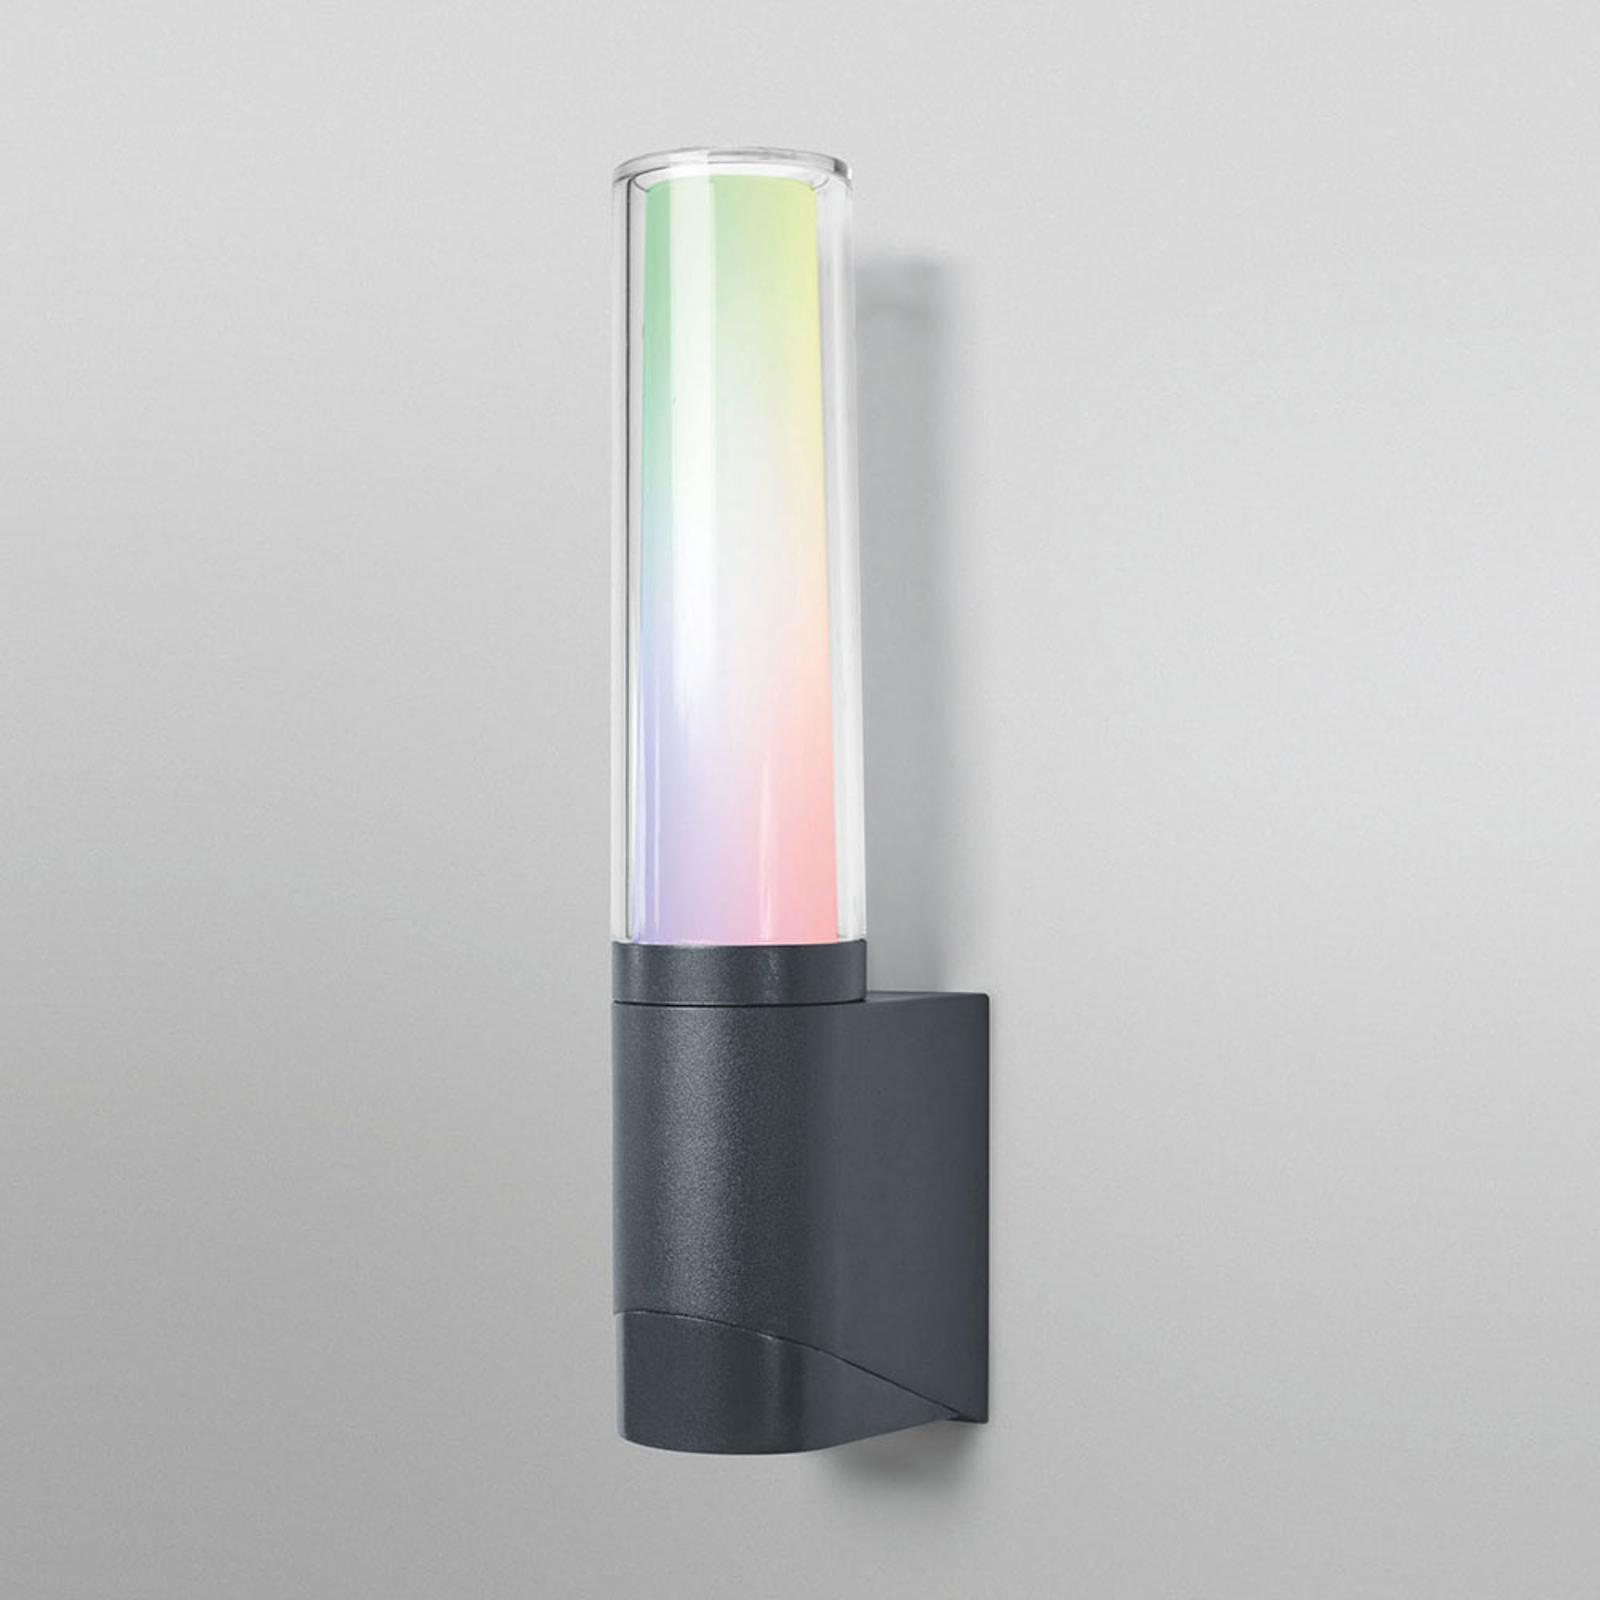 LEDVANCE SMART+ WiFi Flare kinkiet LED RGBW